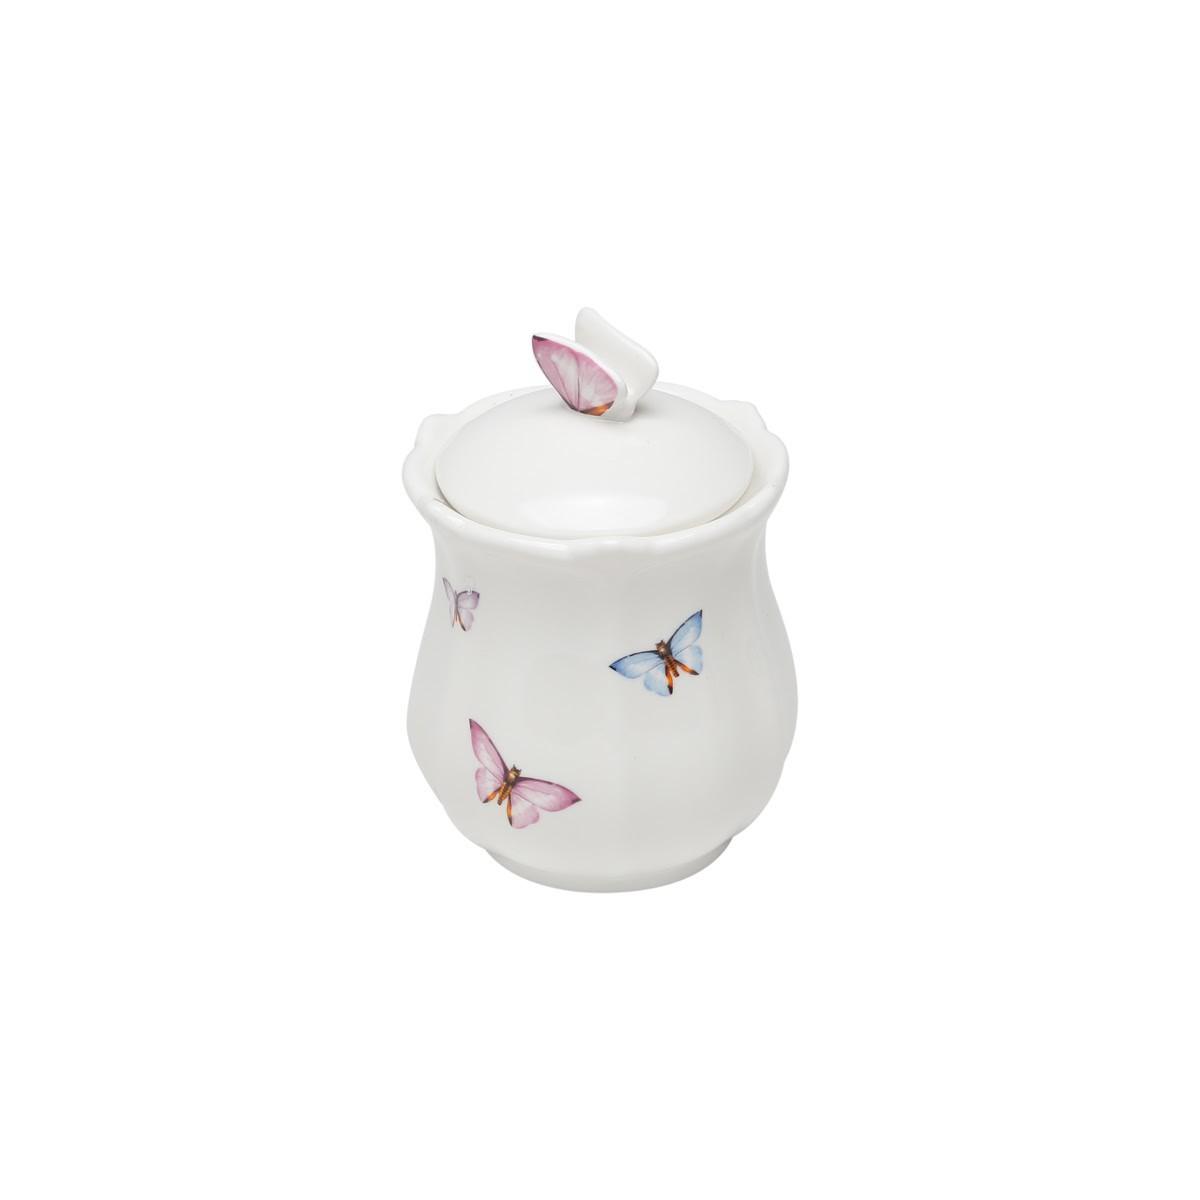 Bomboniere de Porcelana Borboletas